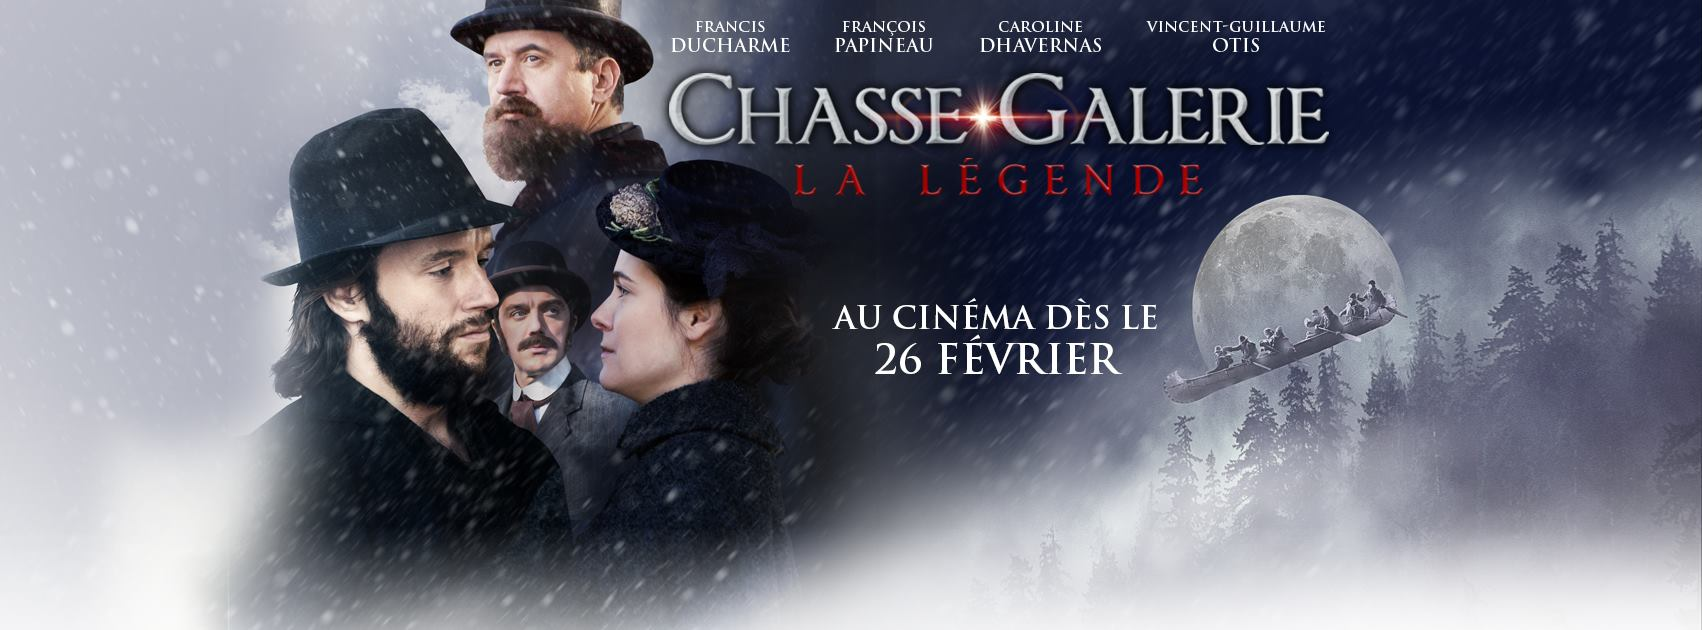 La Chasse-Galerie: la légende à l'affiche au Québec dès le 26 février